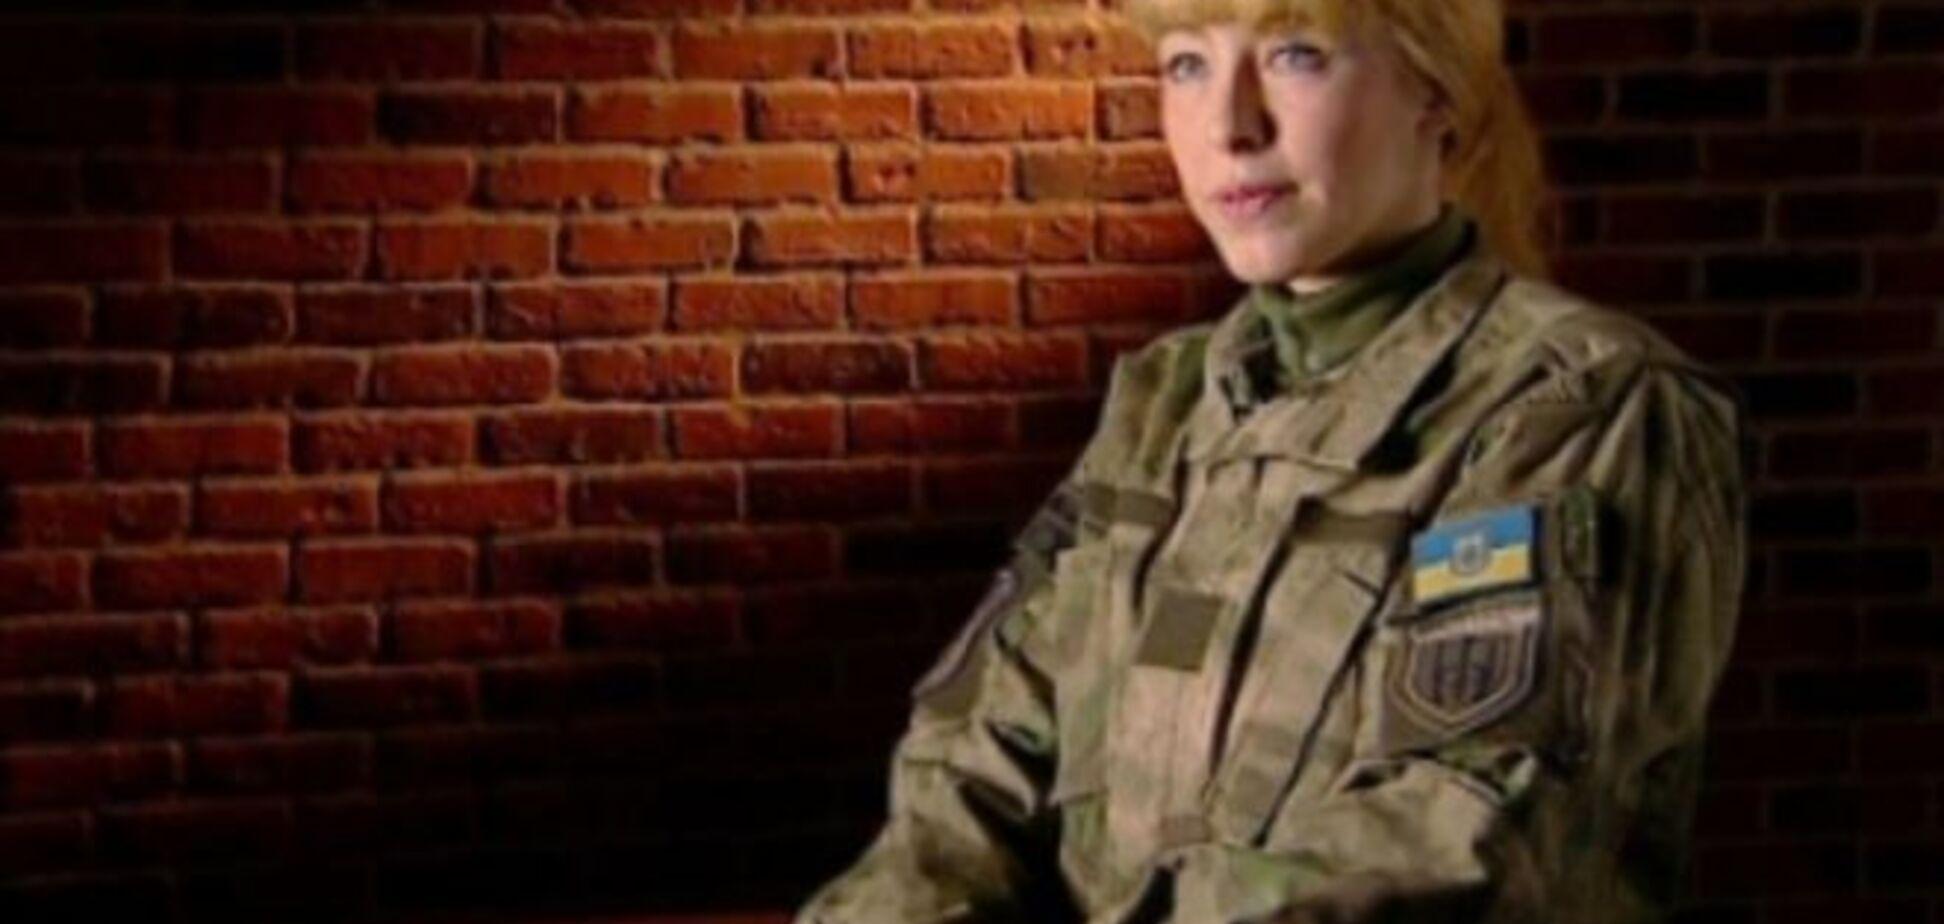 Монологи героев. Украинская разведчица рассказала о 'женской войне' на Донбассе